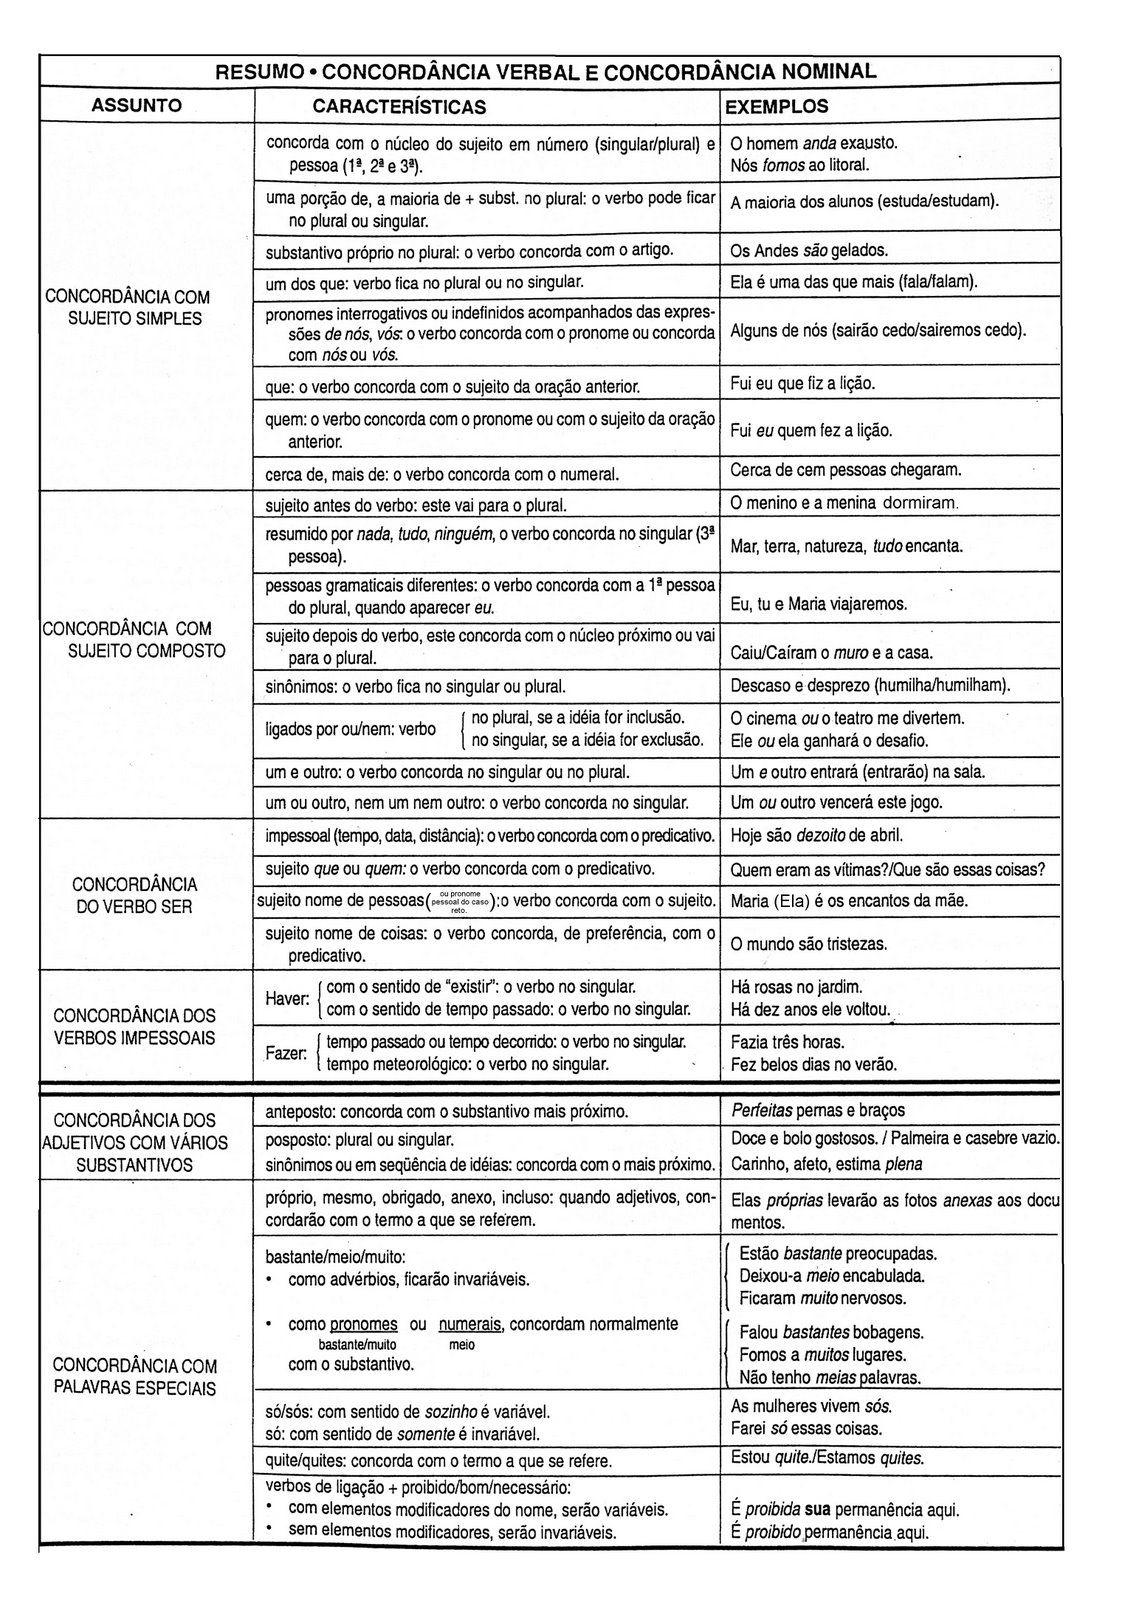 Tabela Sintaxe De Concordancia Com Imagens Concordancia